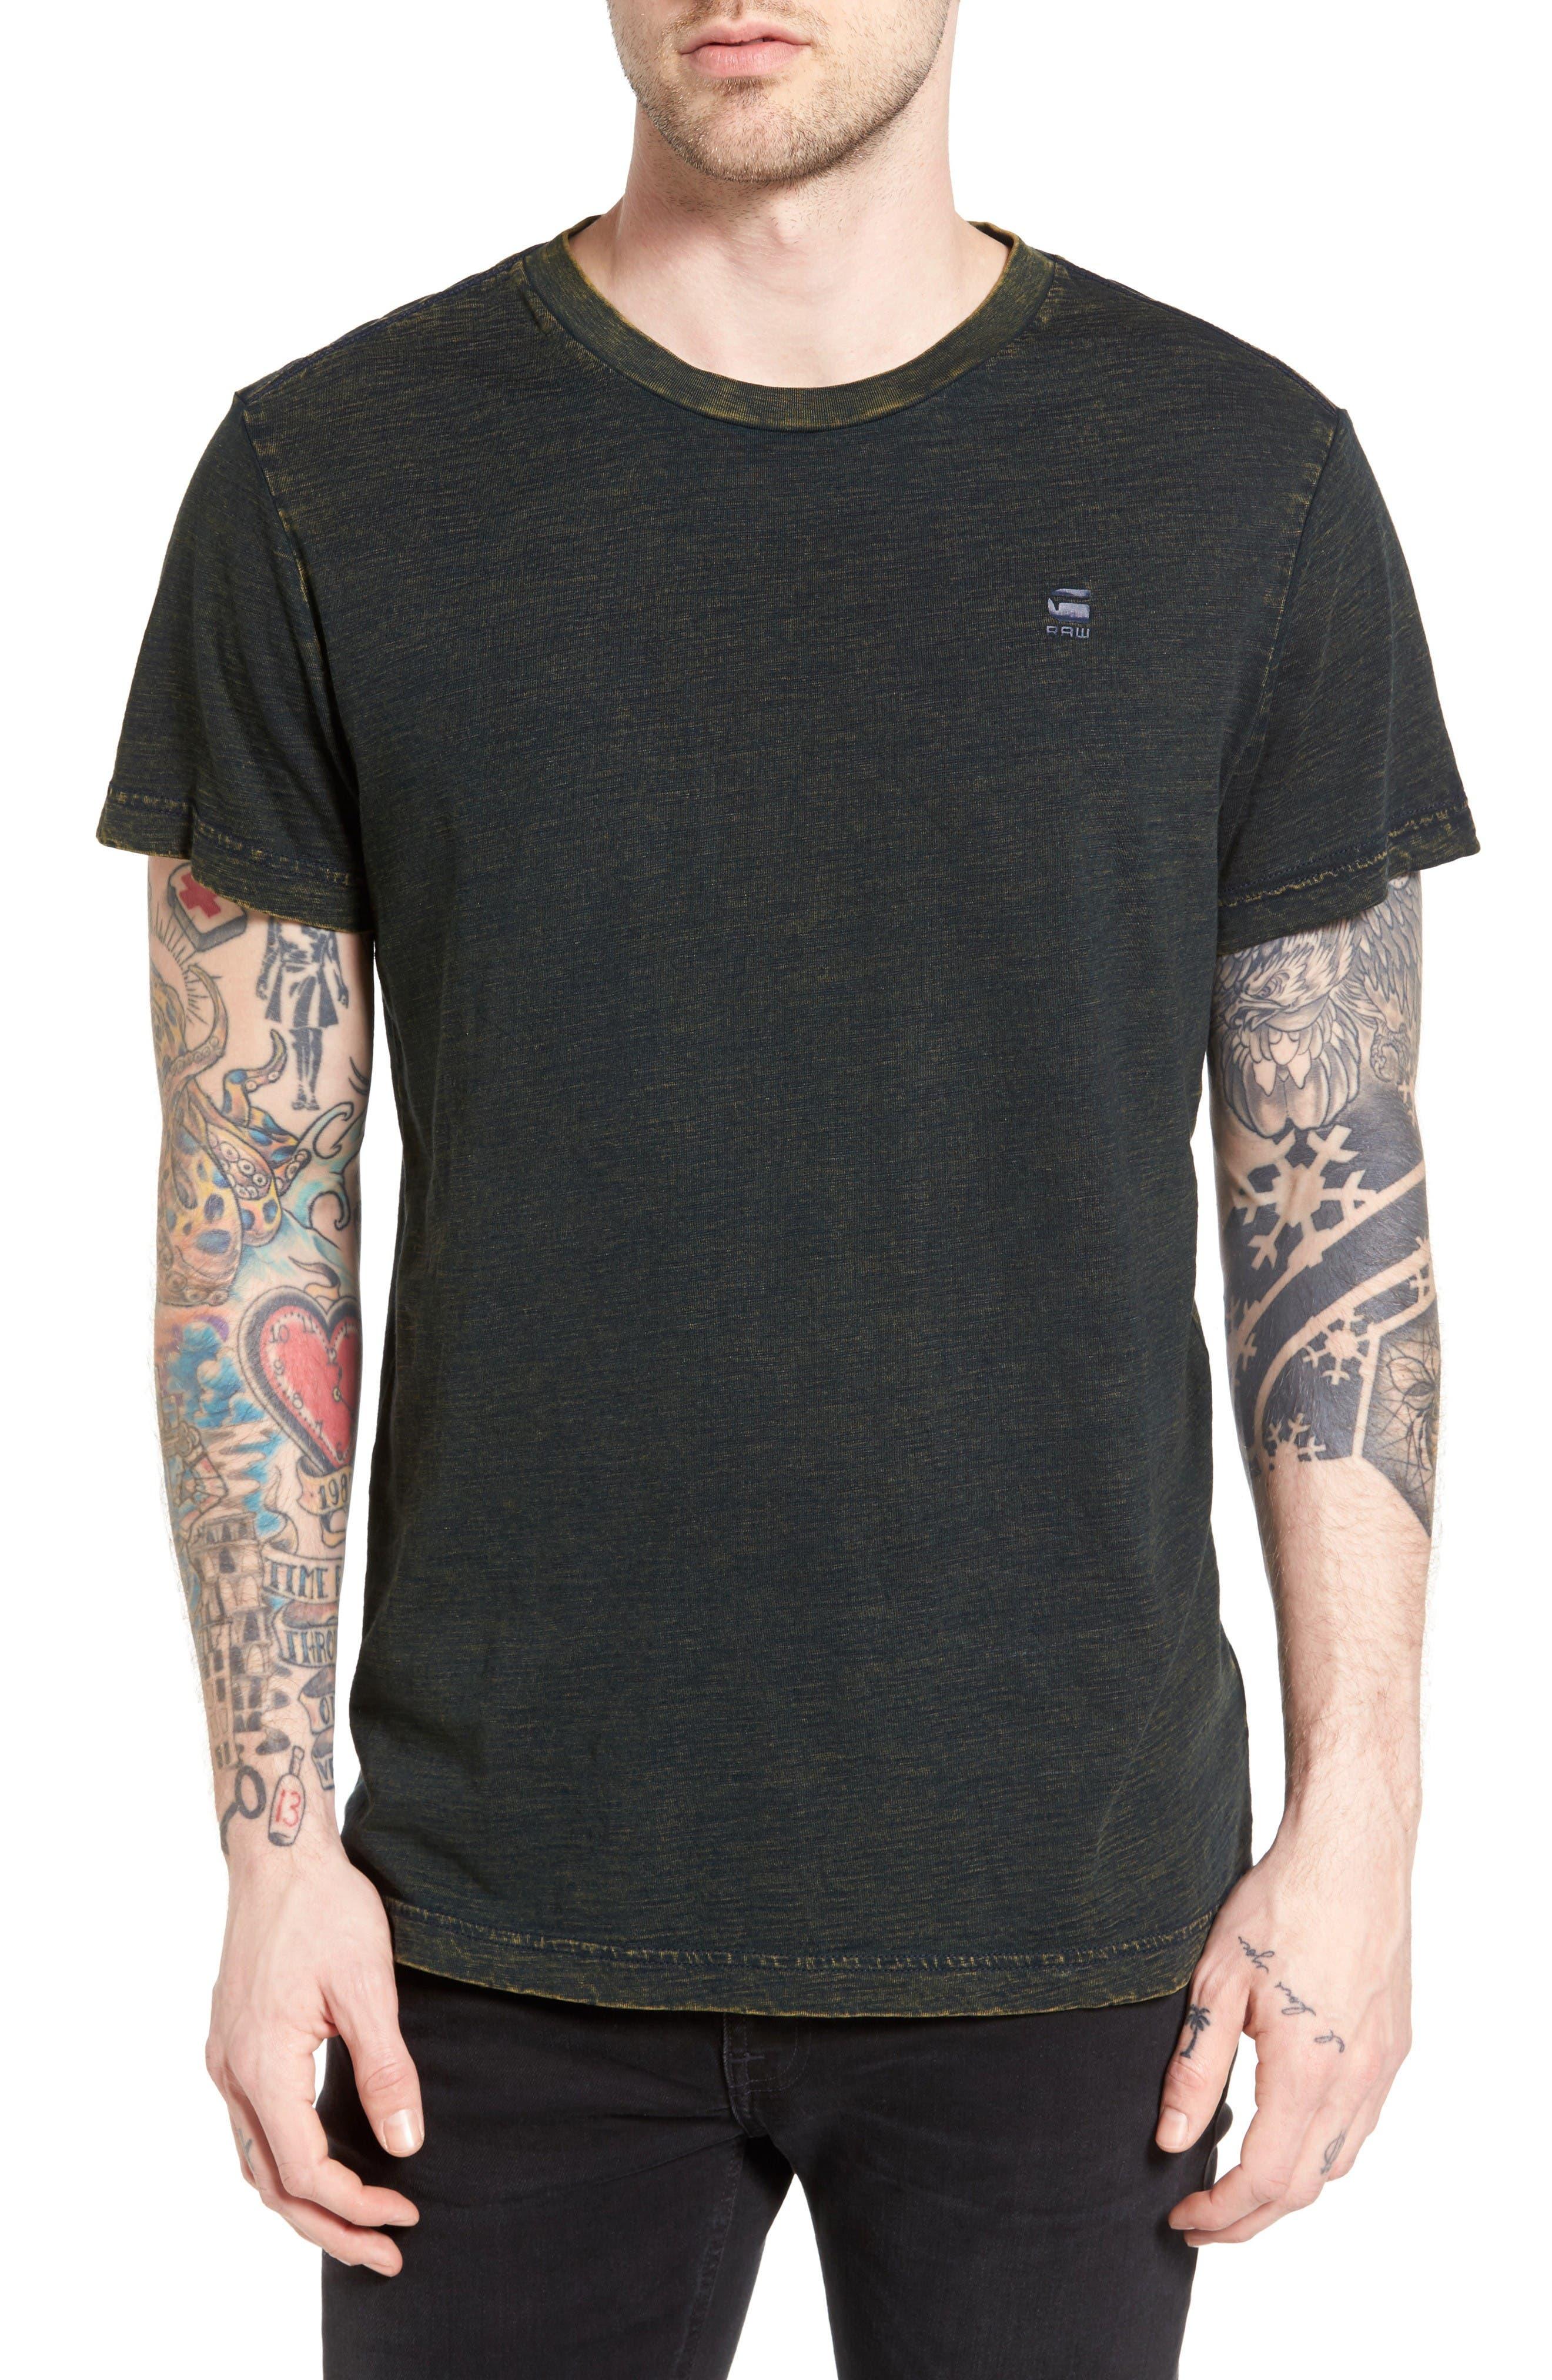 Main Image - G-Star Raw Wynzar Lyrood T-Shirt